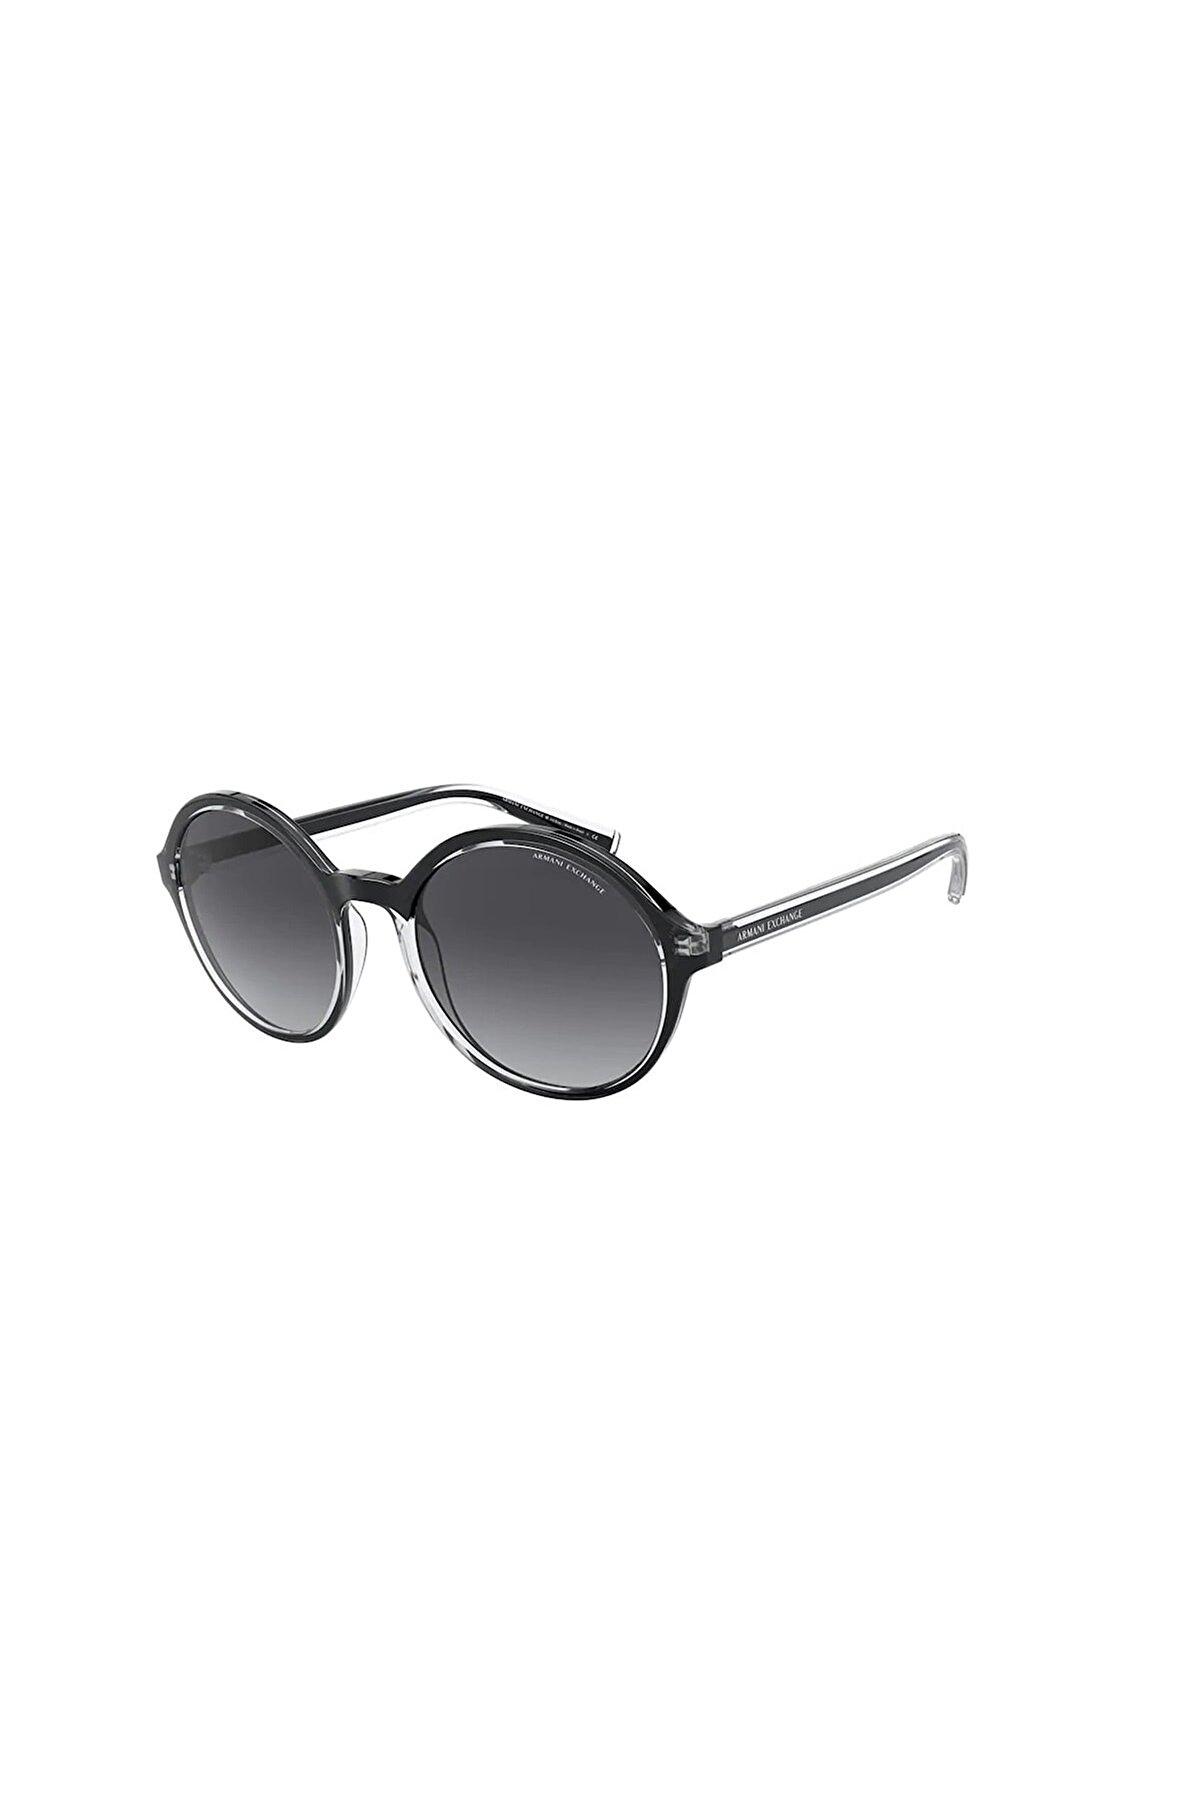 Armani Exchange Gradyan Gözlük Kadın Gözlük 0ax4101s 83218g 55